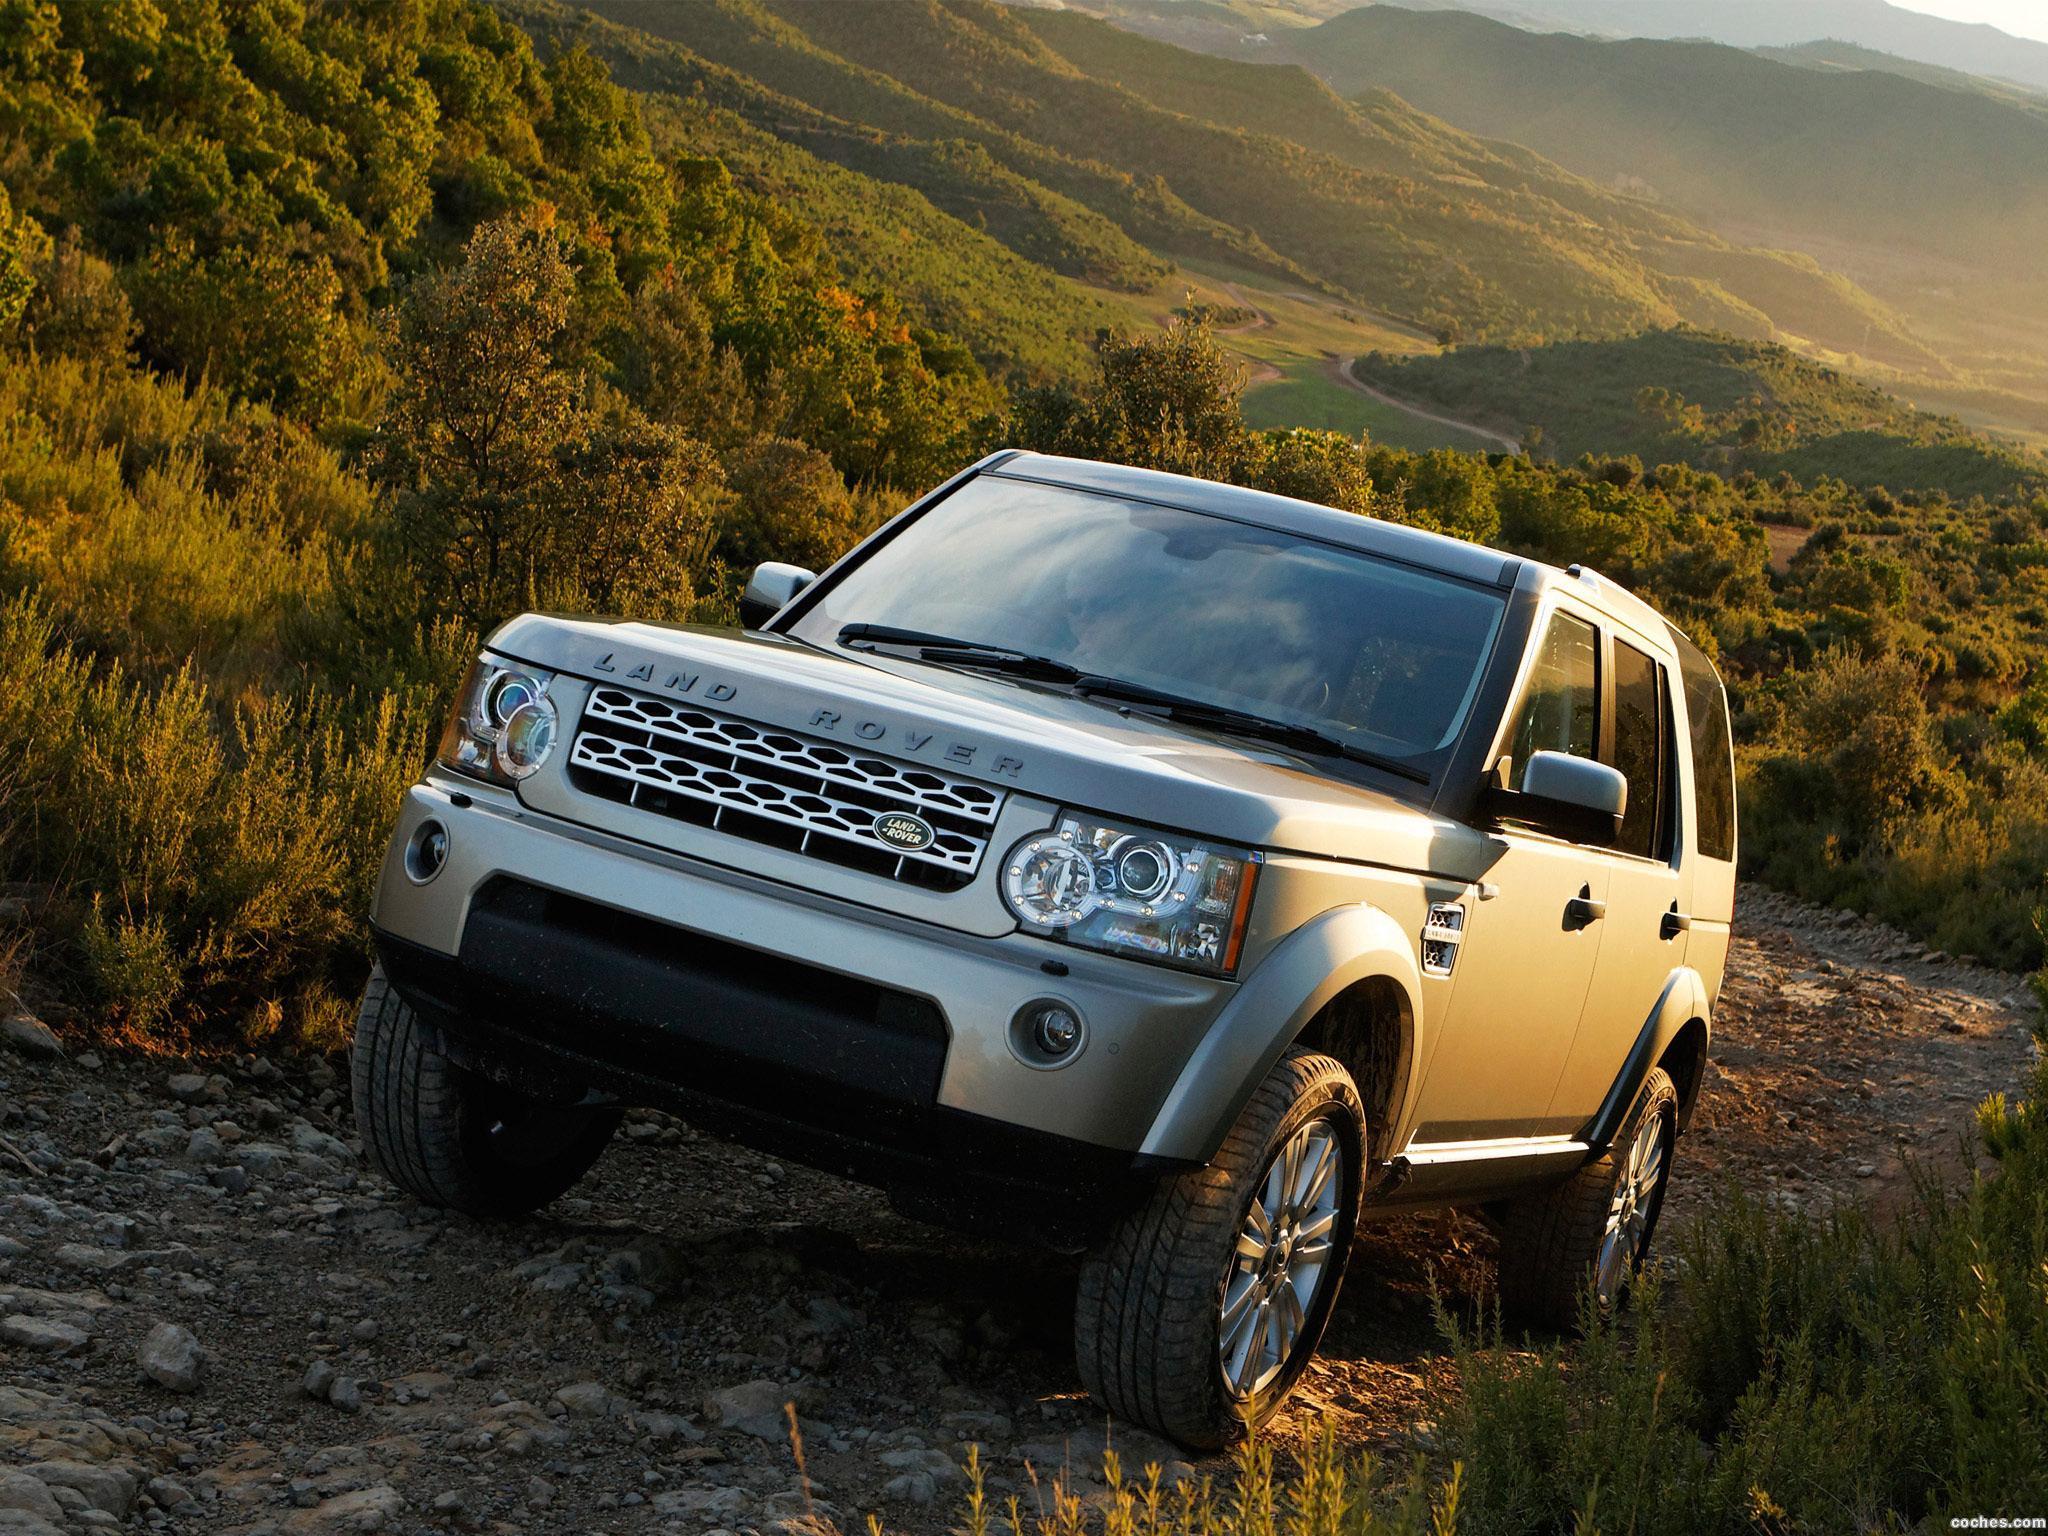 Foto 5 de Land Rover Discovery LR4 2009